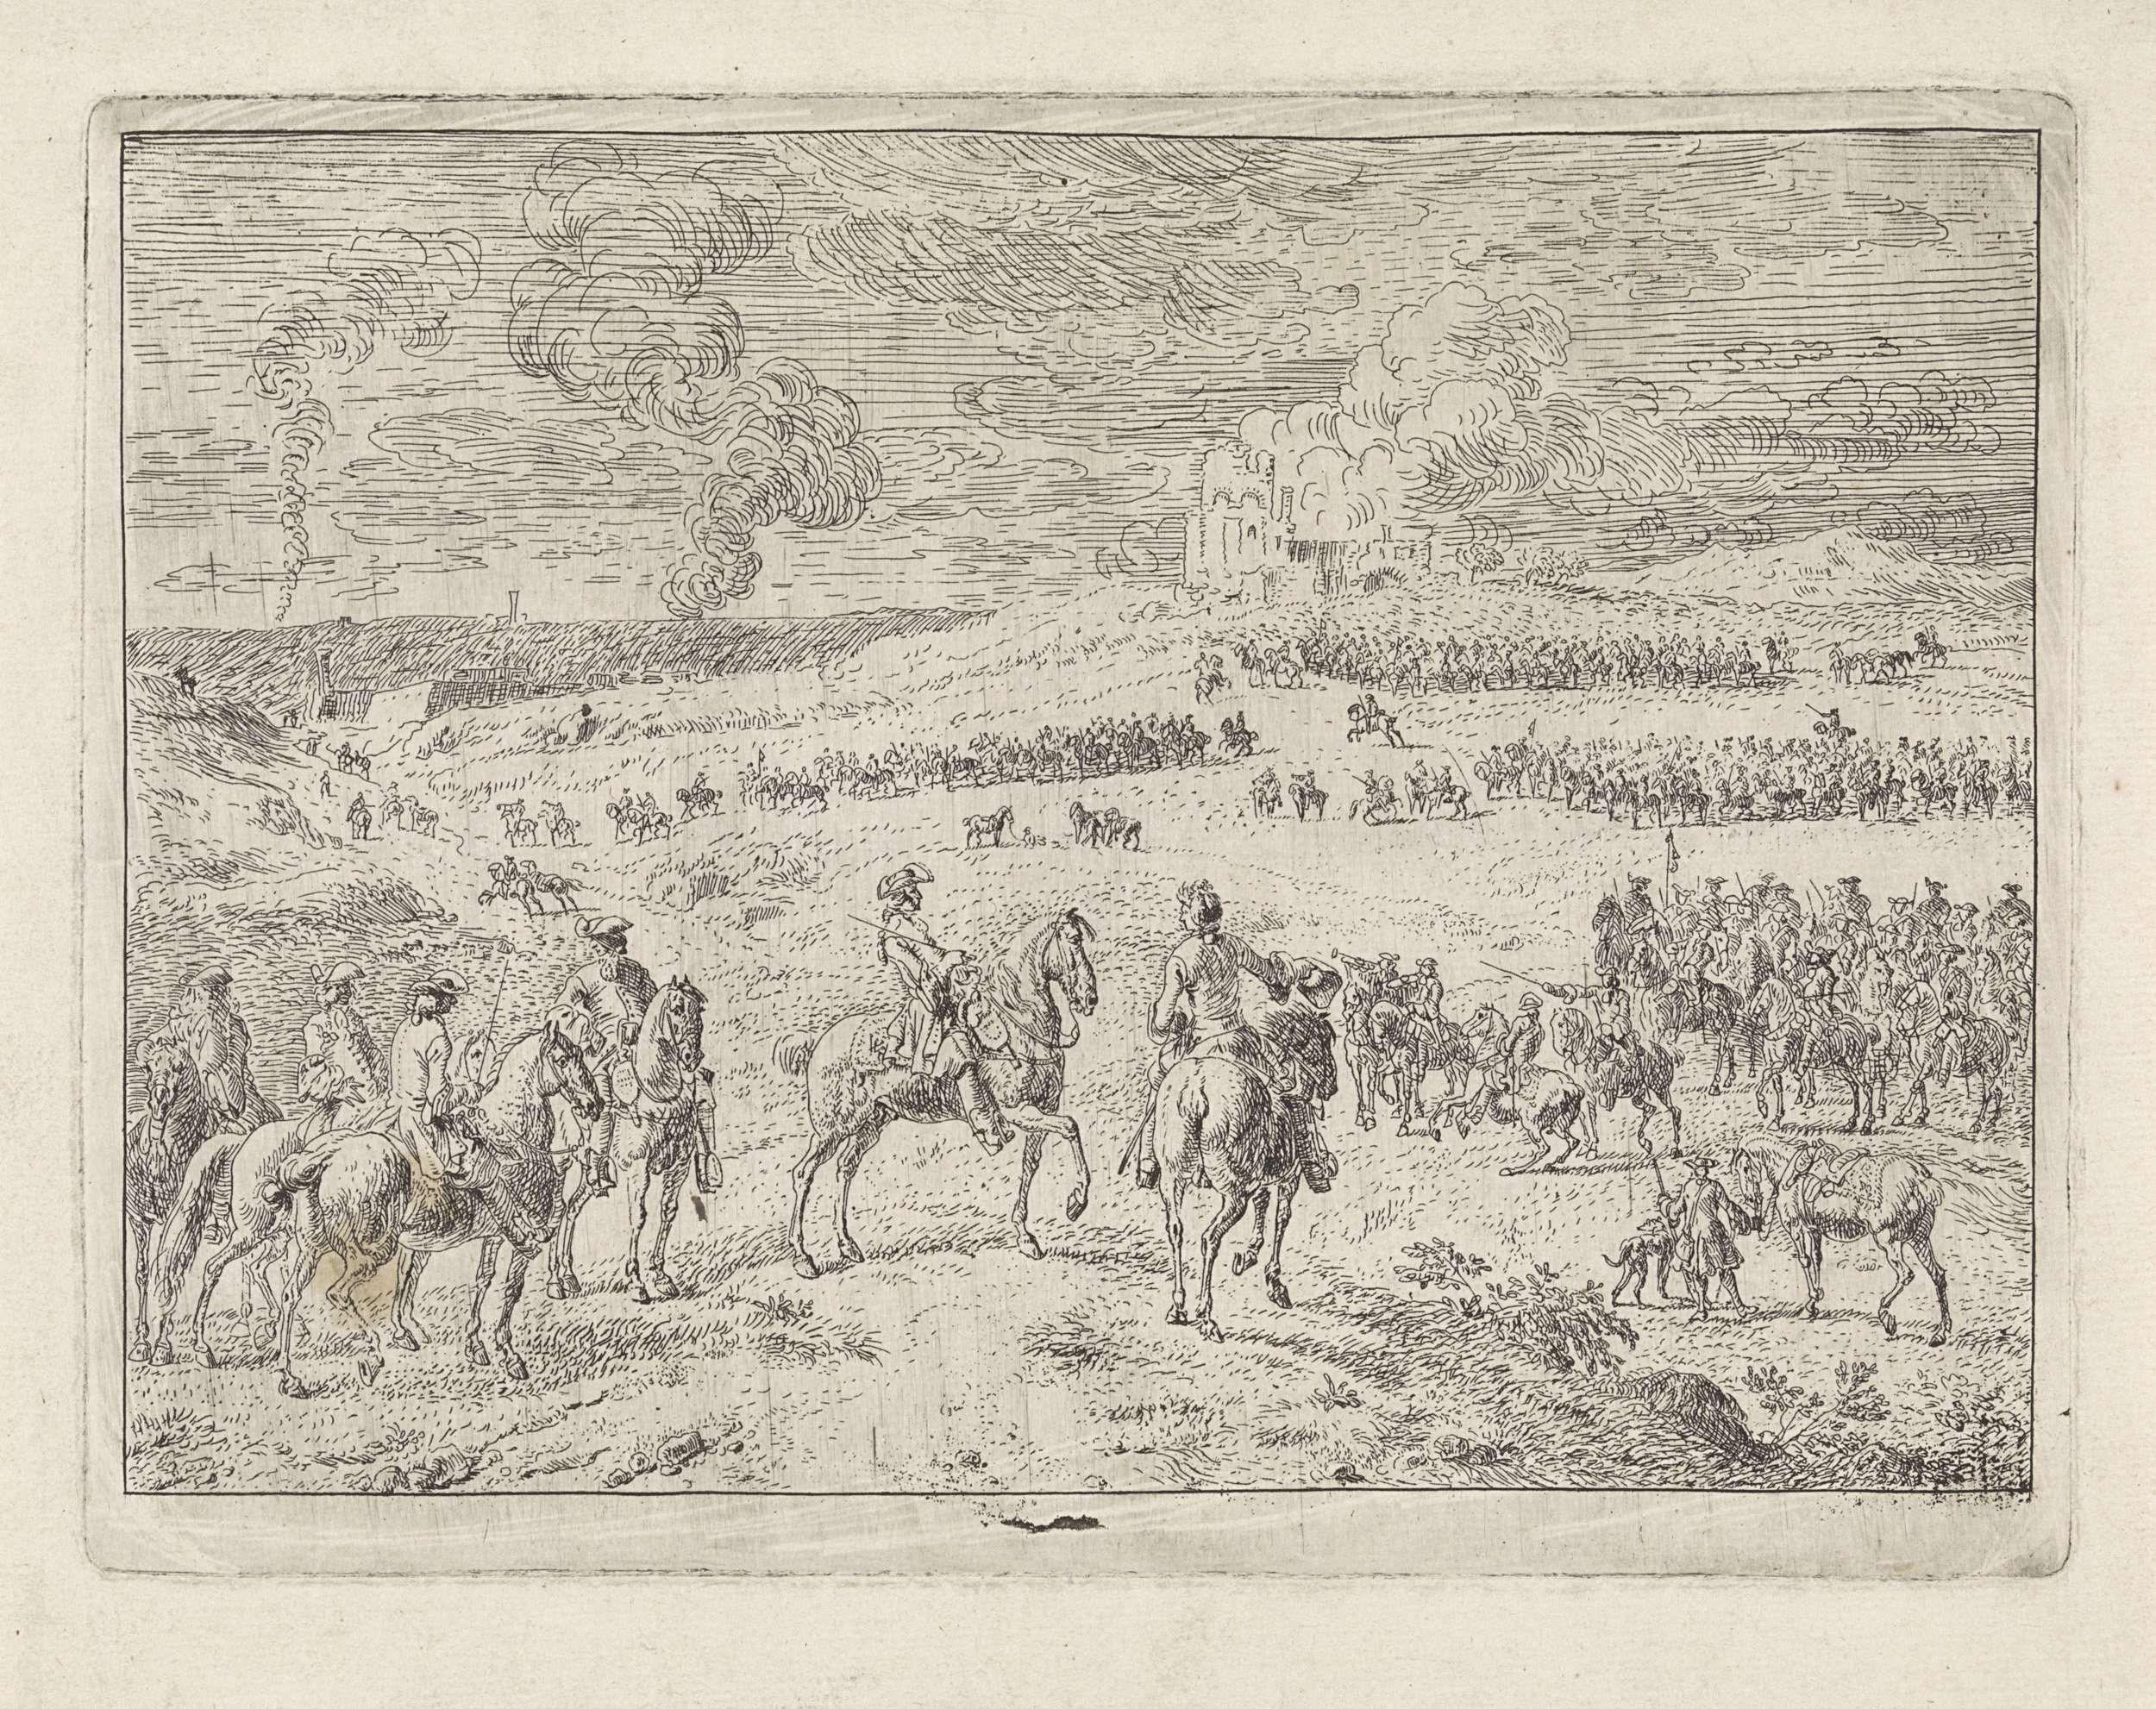 Dirk Maas | Willem III bij de slag aan de Boyne, 1690, Dirk Maas, 1690 | Gezicht op de slag aan de Boyne, met op de voorgrond Willem III, te paard. Op het slagveld vele ruiters en op de achtergrond een brandende ruïne.